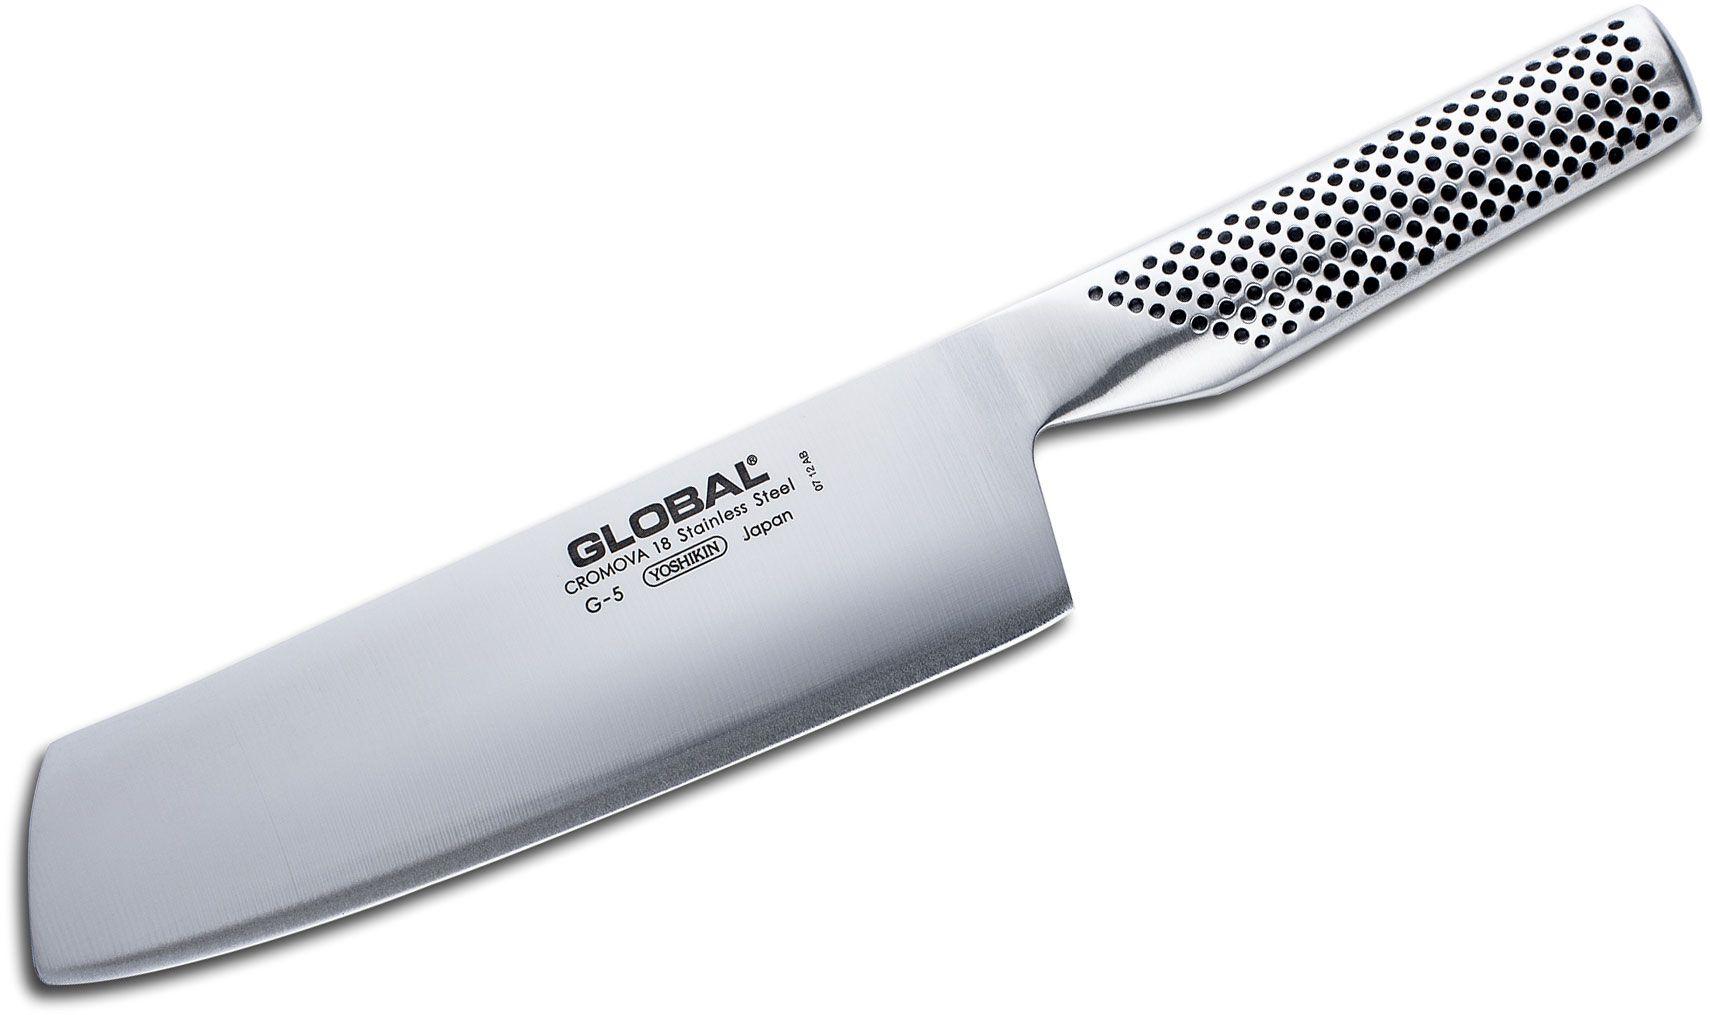 Global G-5 Classic 7 inch Vegetable/Nakiri Knife